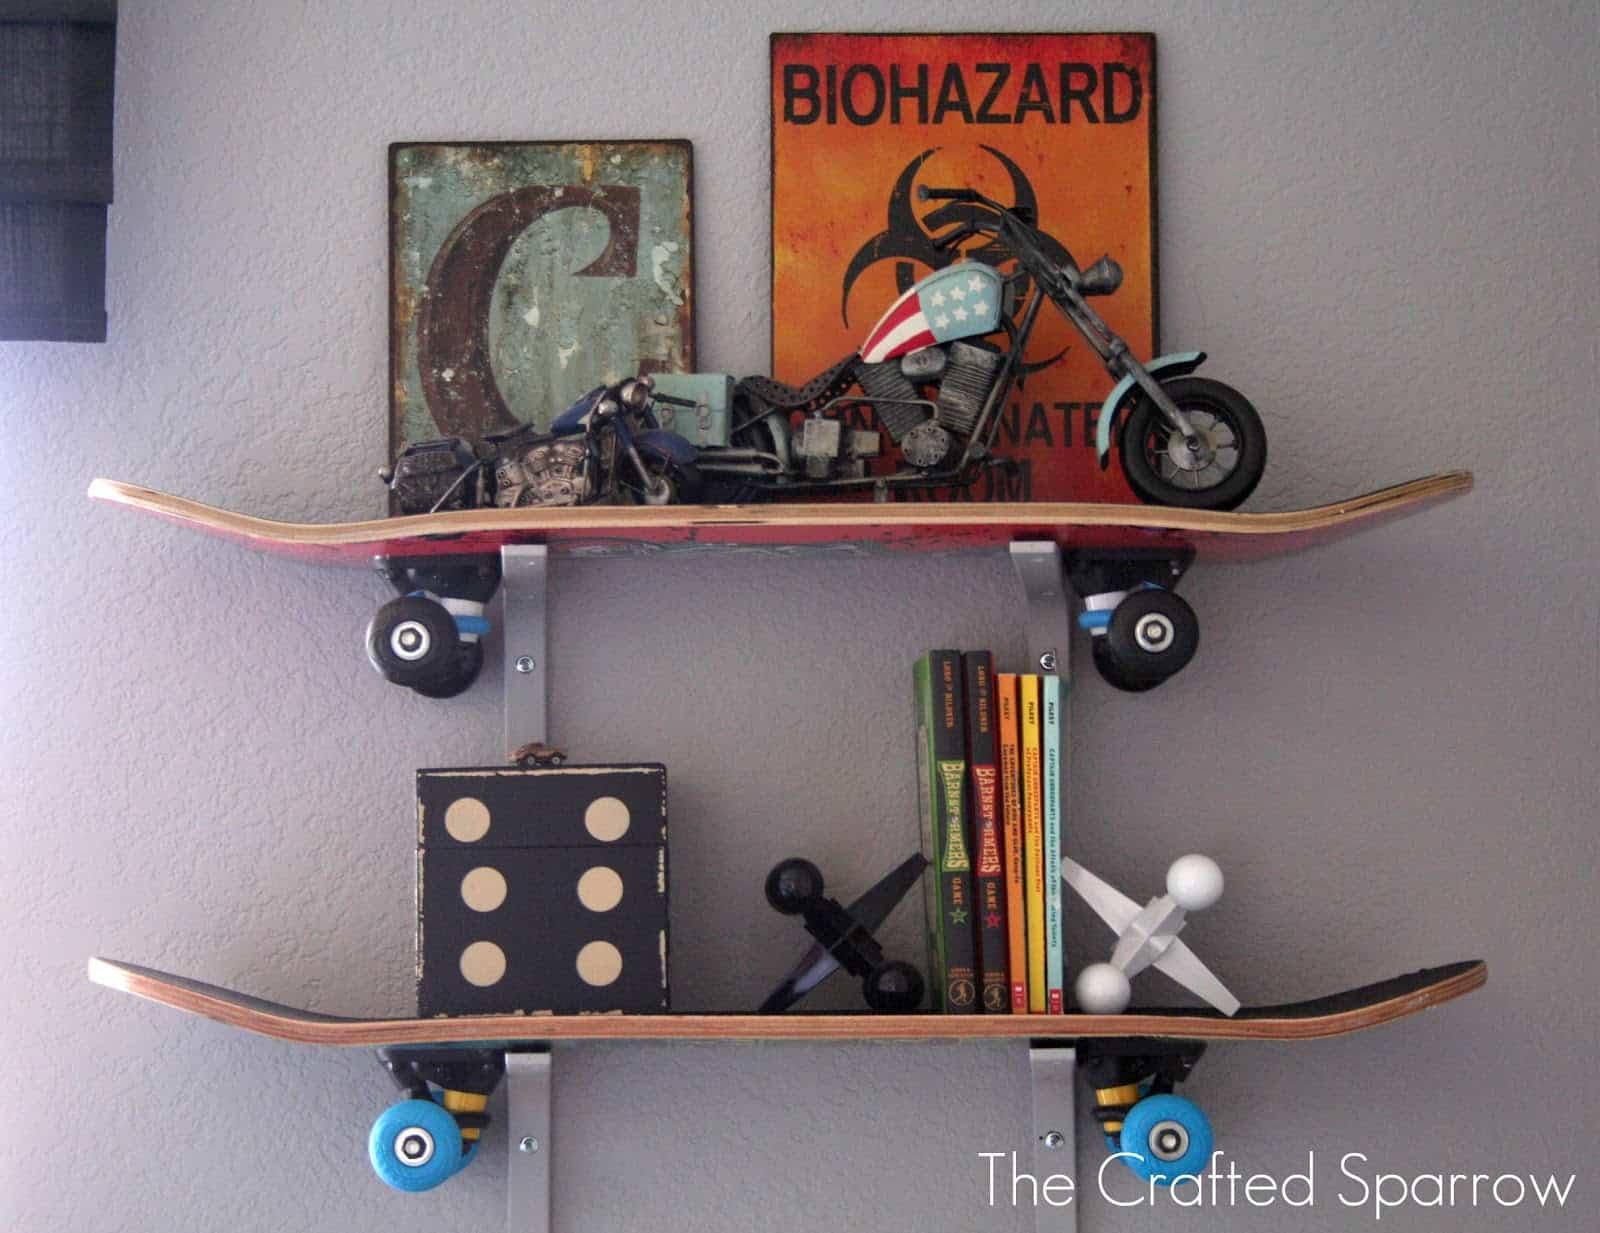 Repurposed skateboard shelves